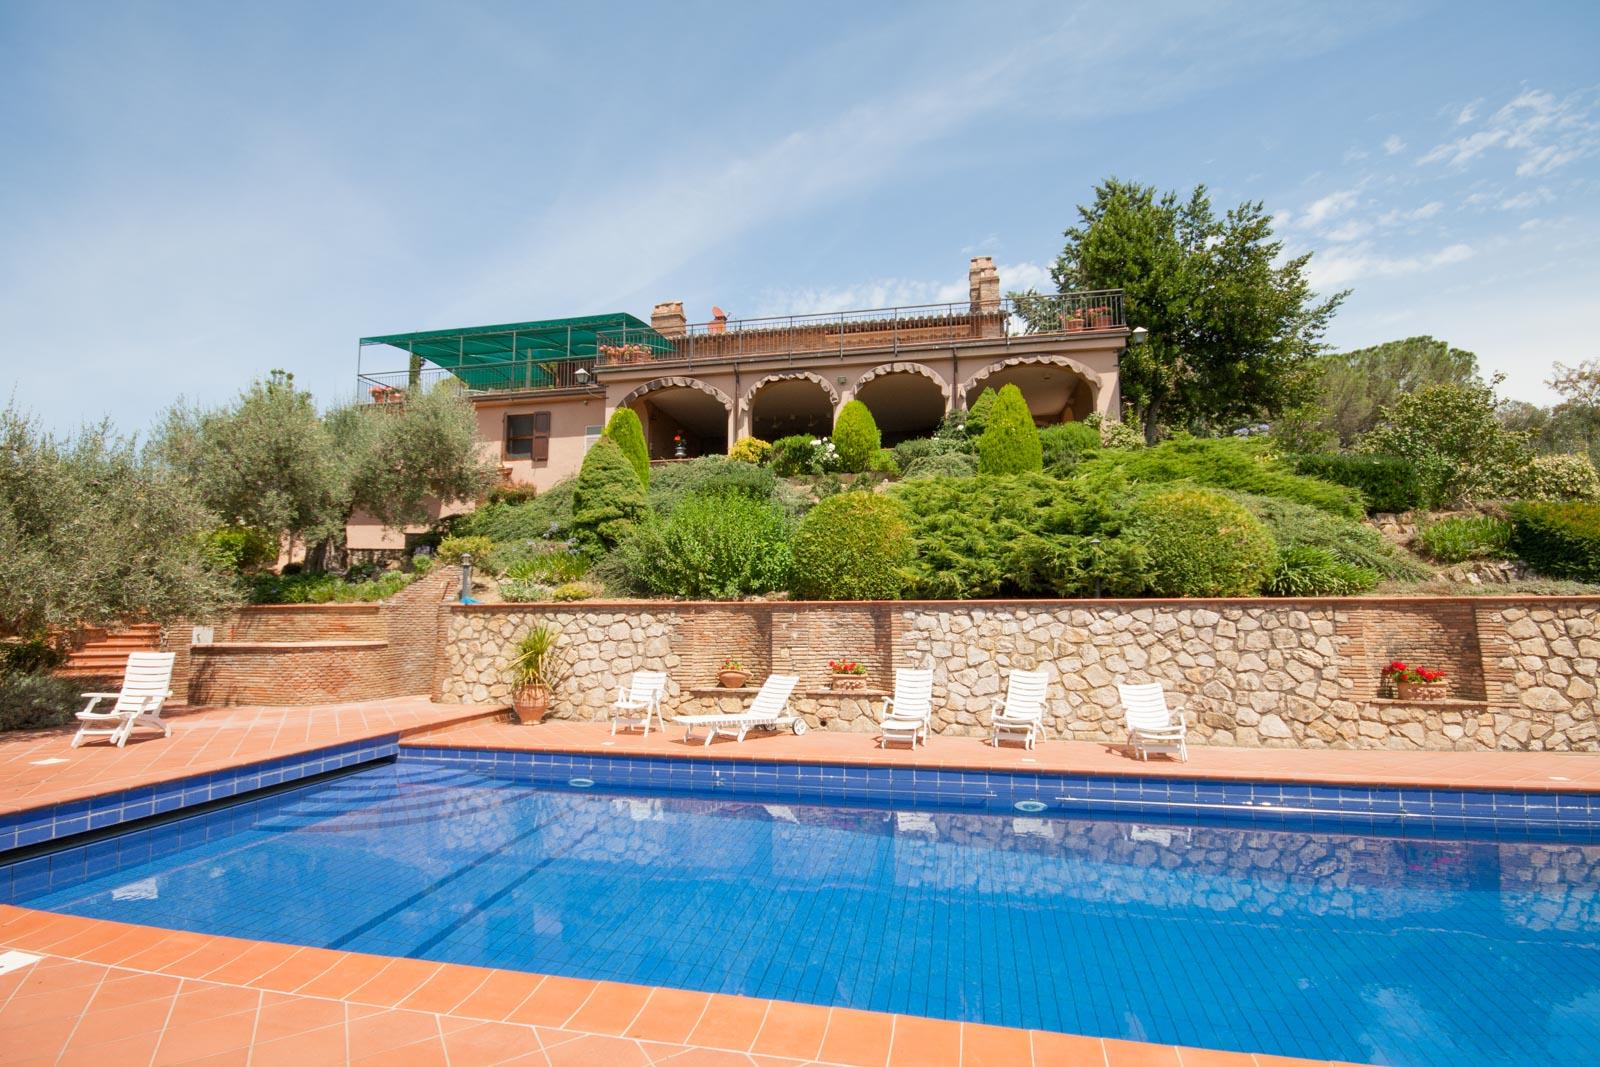 Ampio casale in pietra con loggia, piscina e vista sul Lago Trasimeno